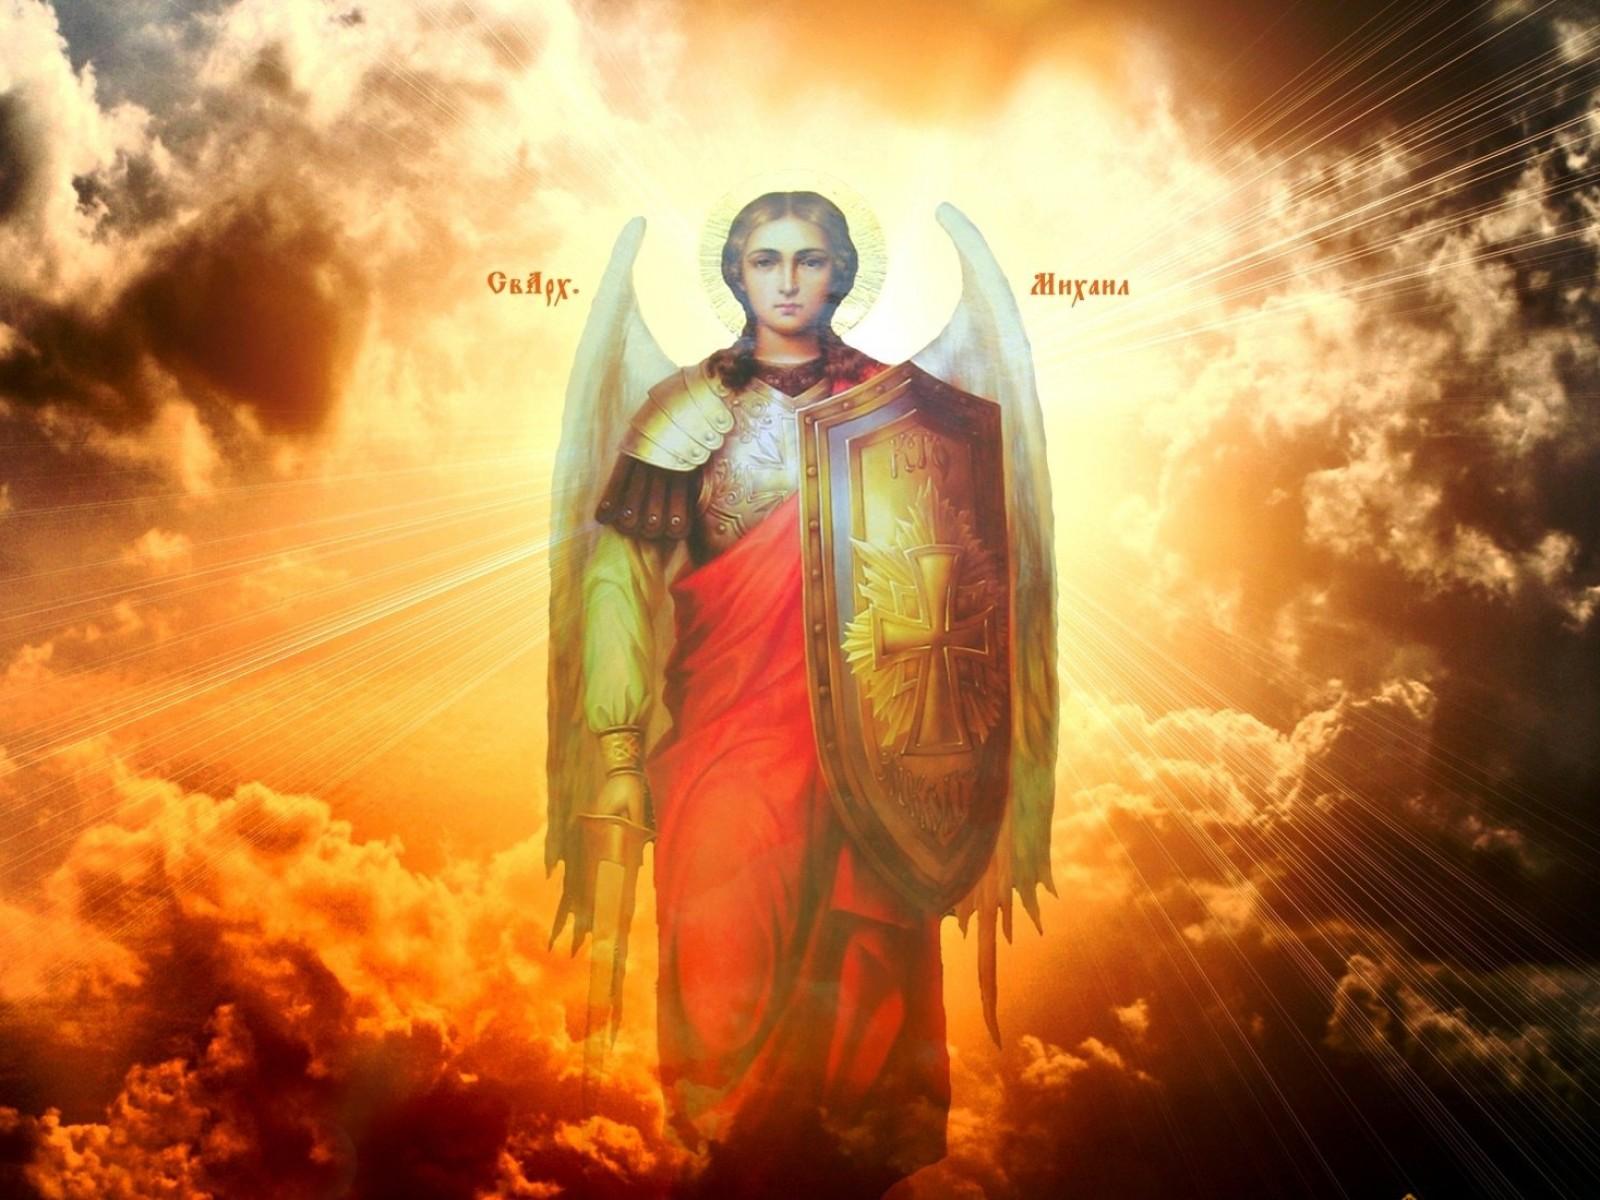 Сьогодні православні відзначають День святого Михайла